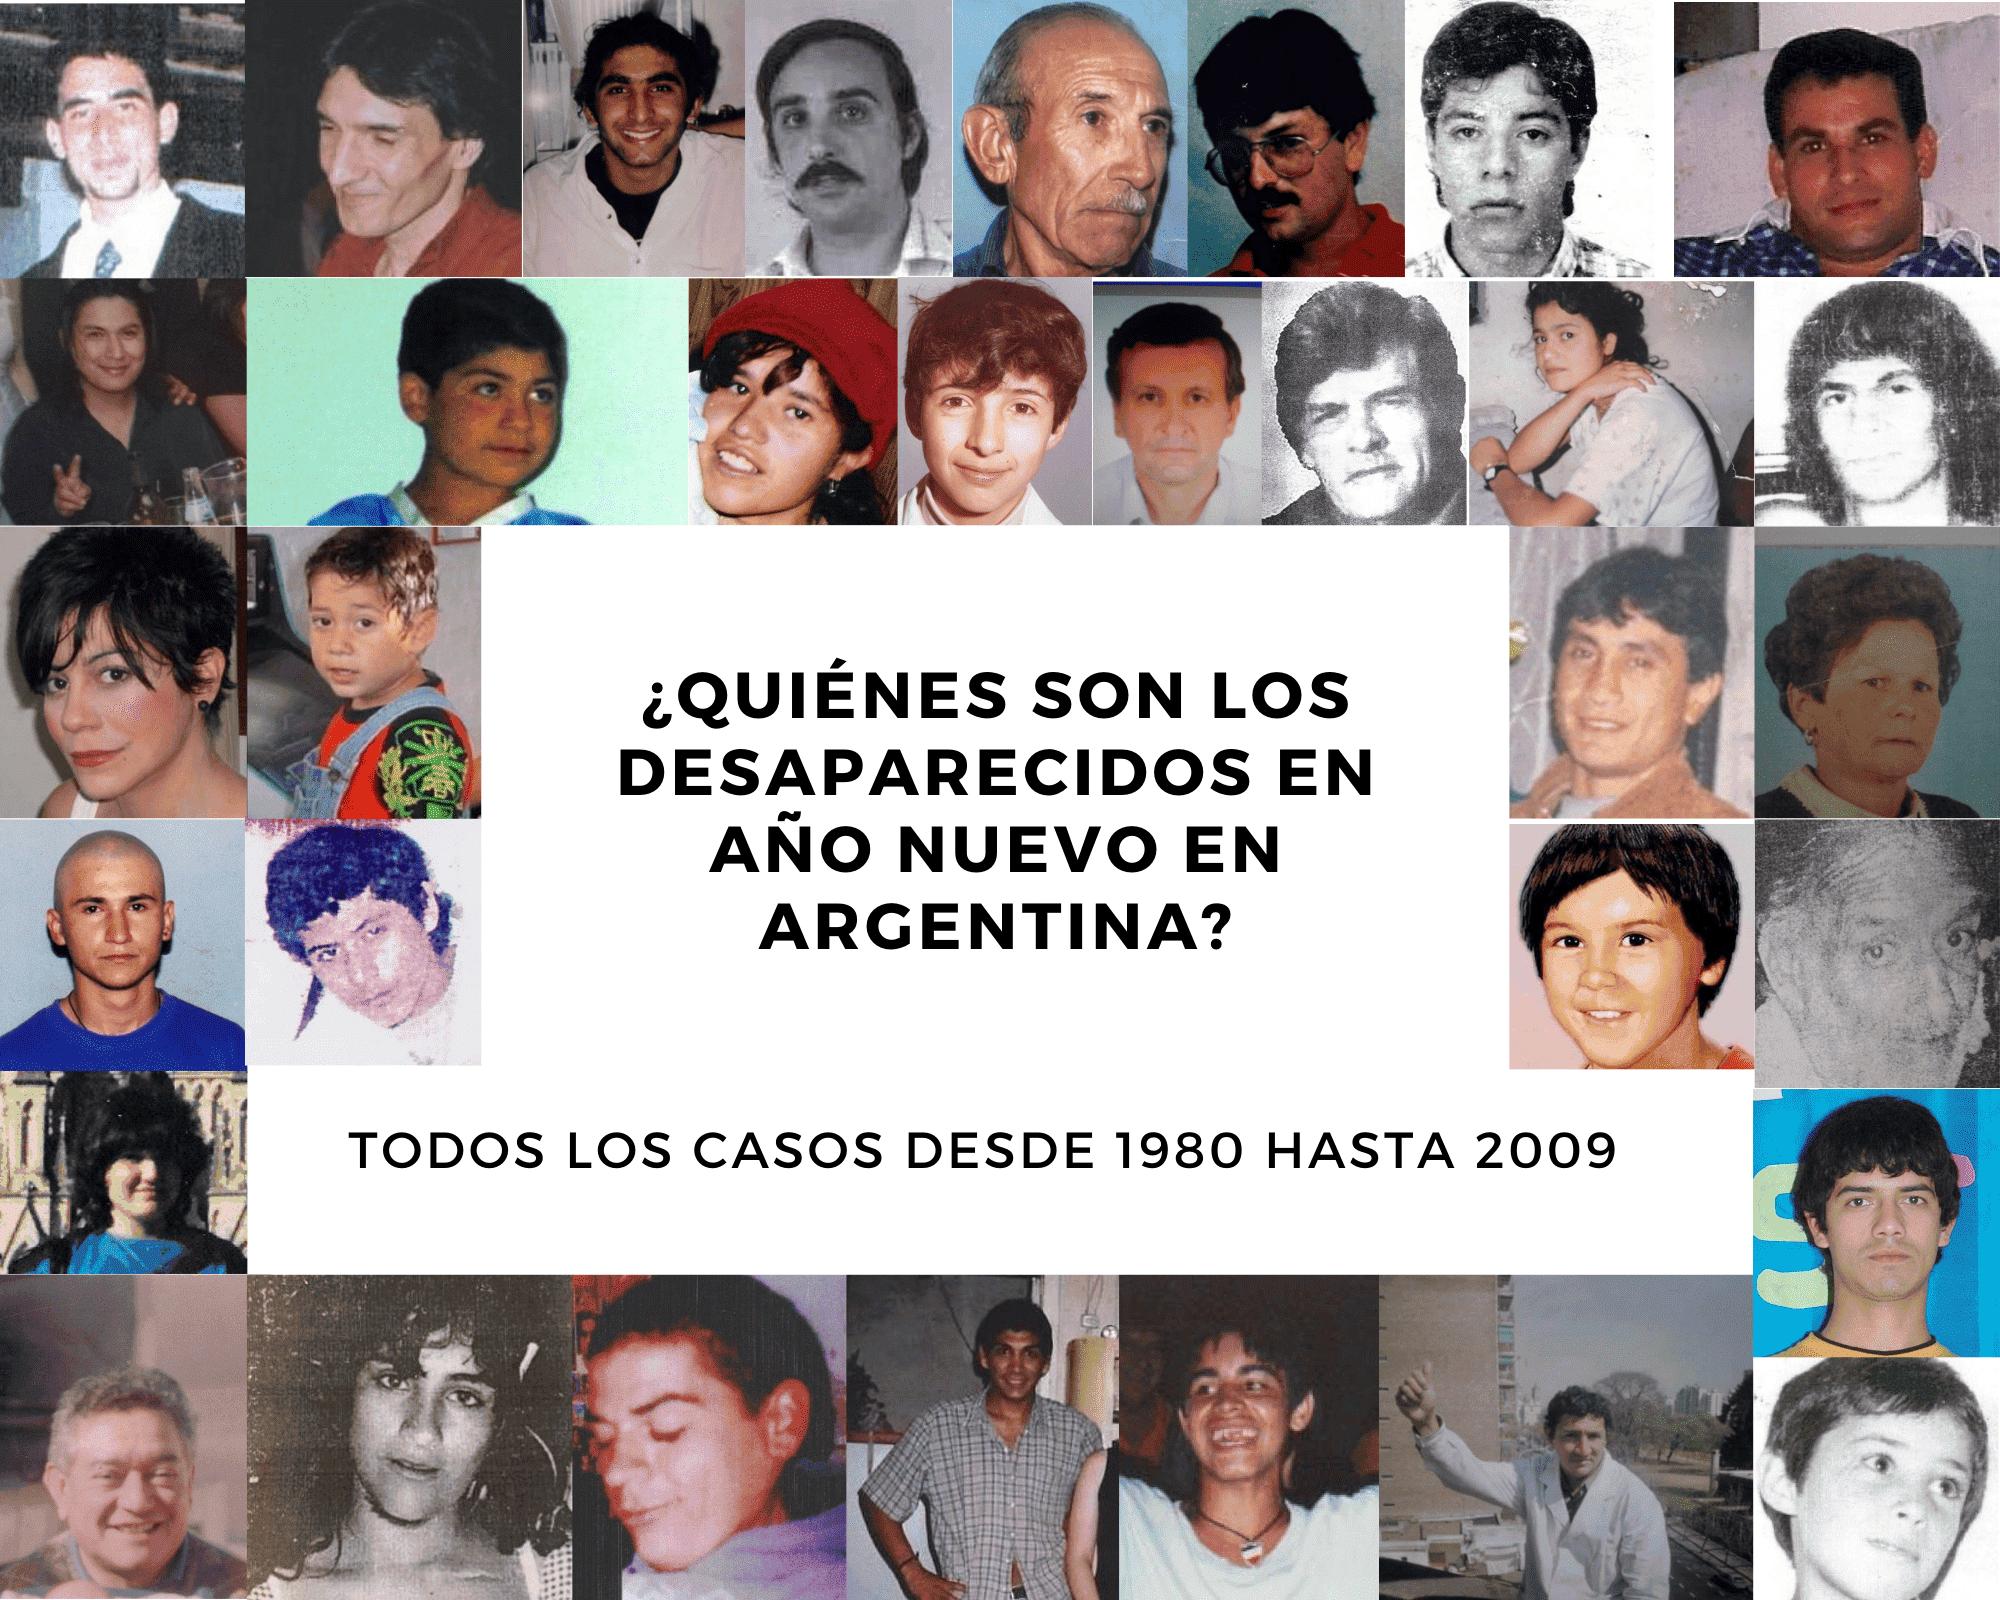 argentinos-desaparecidos-año-nuevo